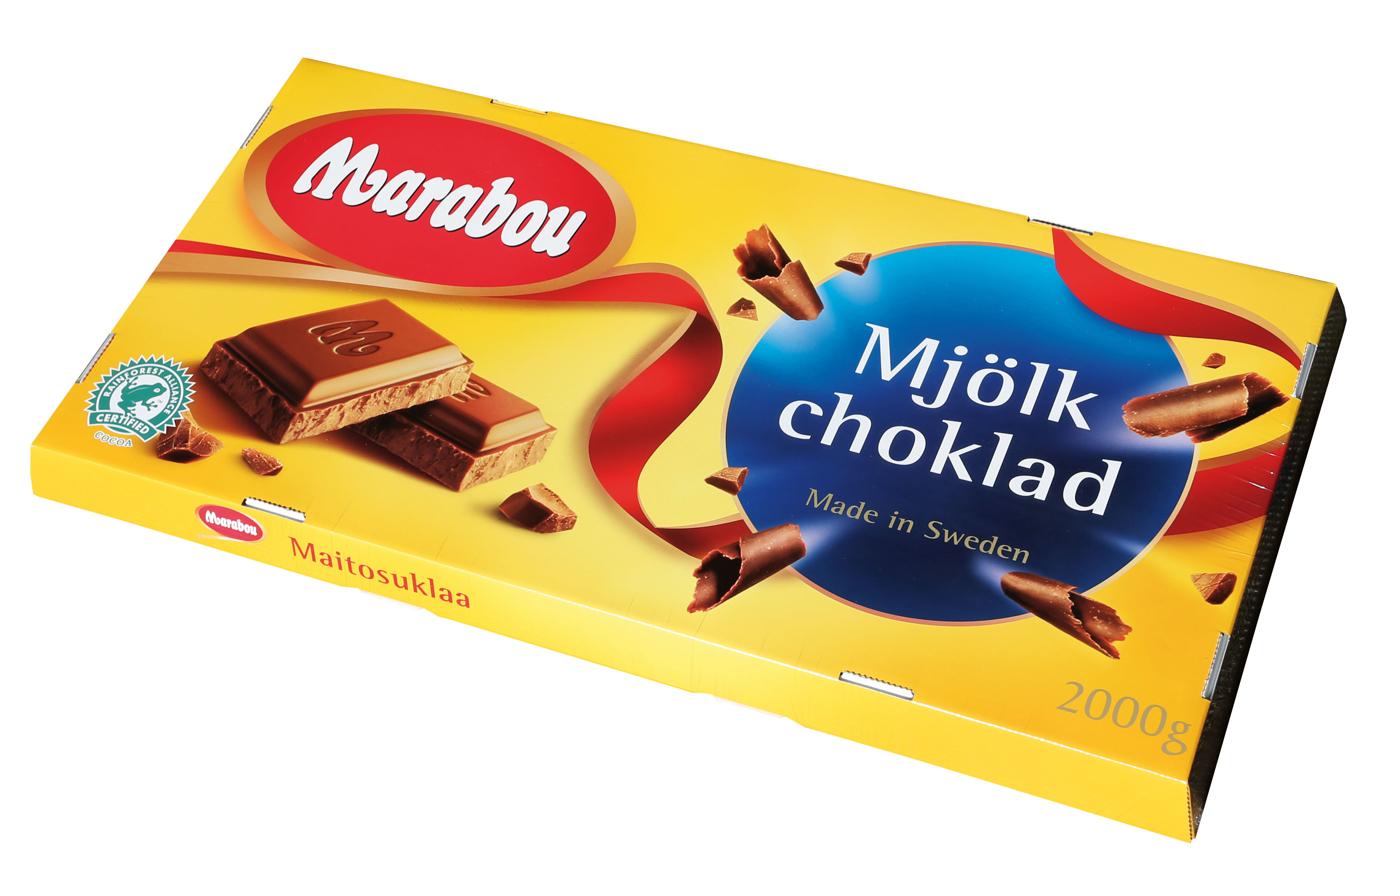 marabou choklad pris